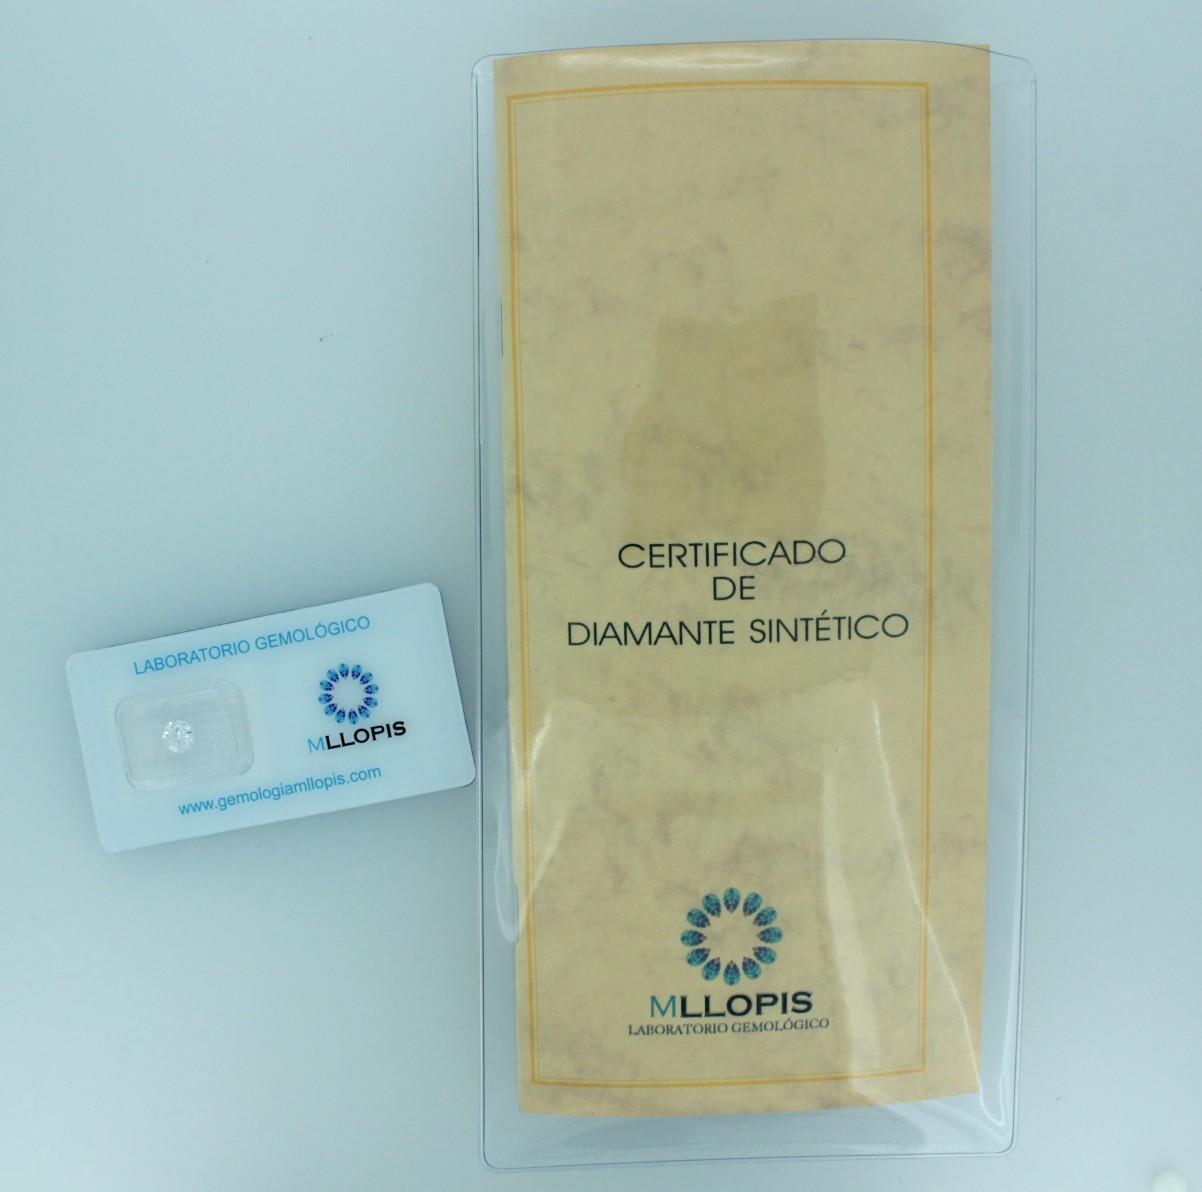 certificado de diamante sintetico2